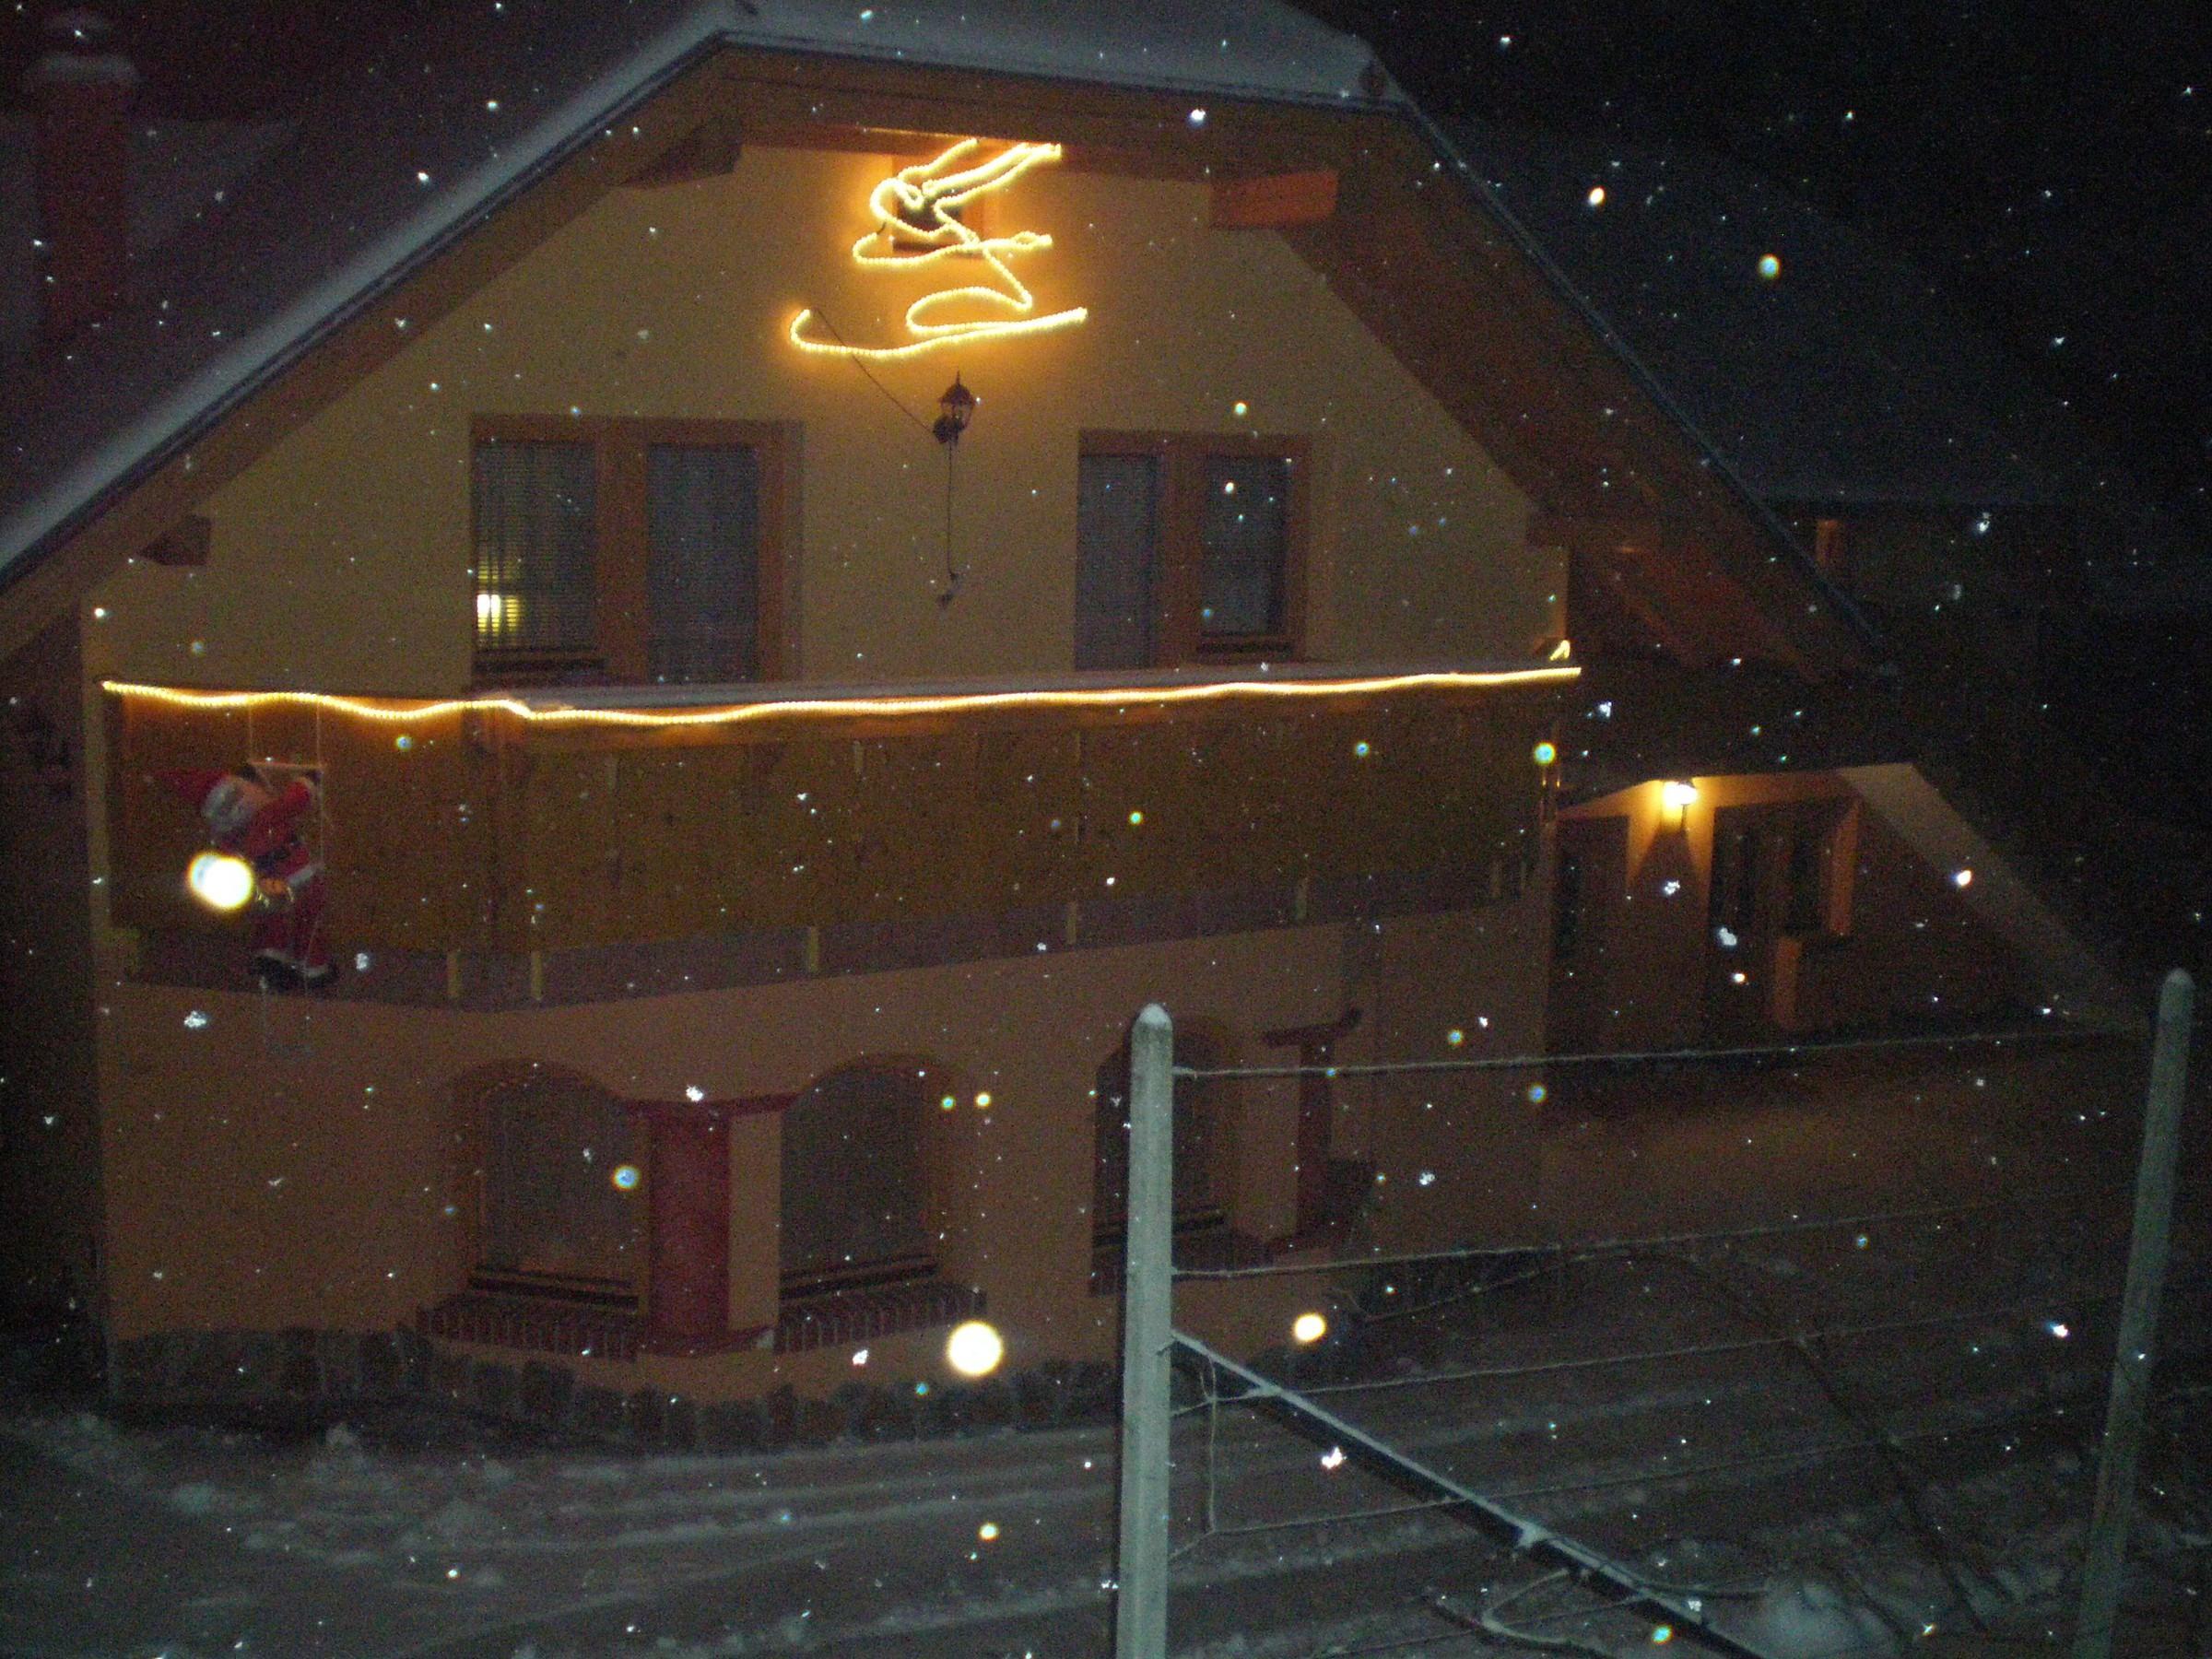 Apartma kristina-Beli zajec, foto arhiv Kristina, Savinjska Valley